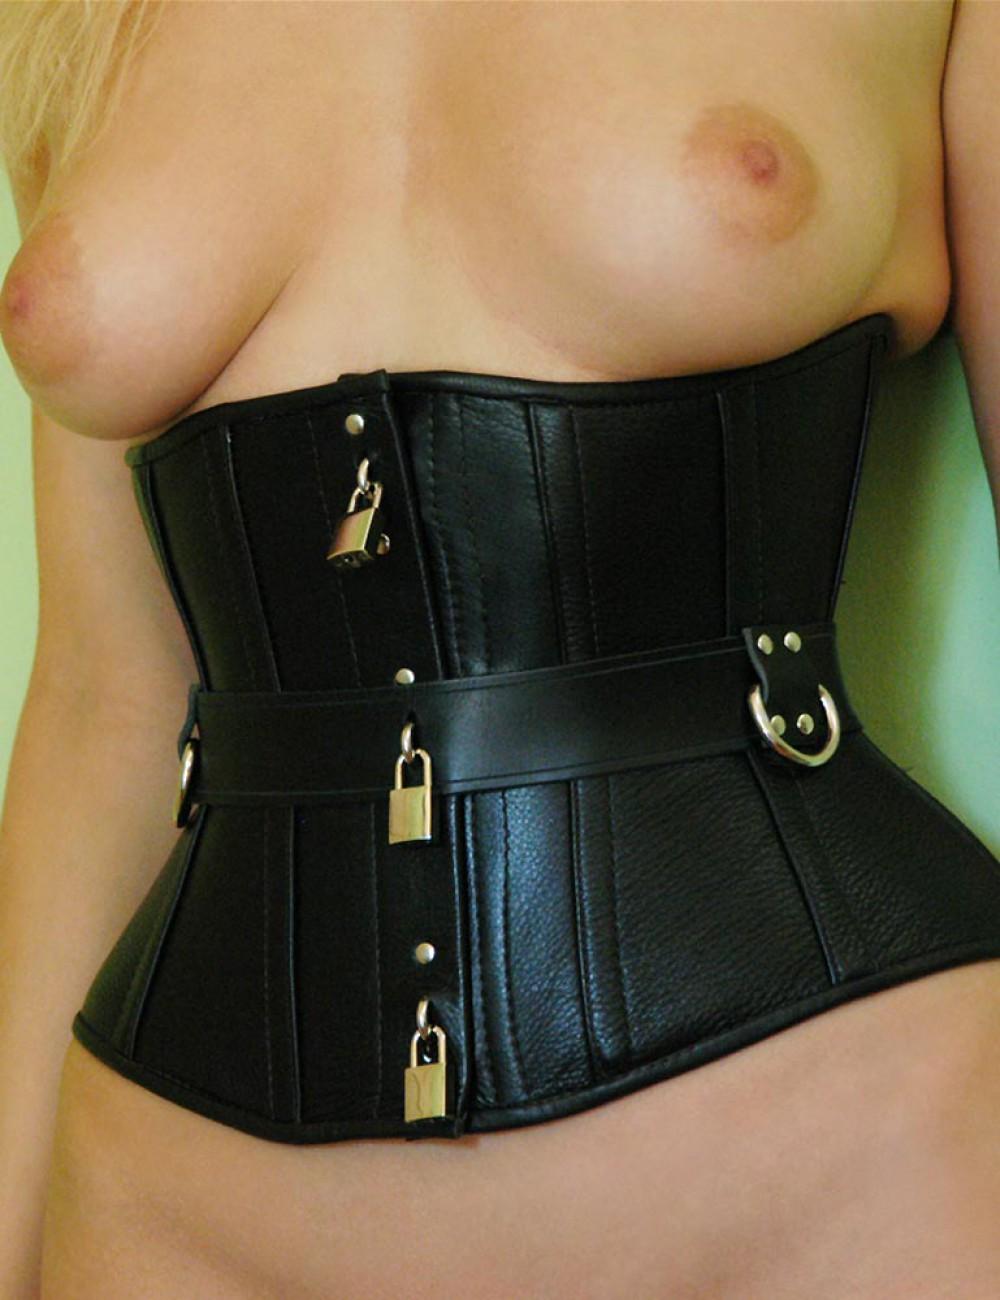 Locking Clasp Corset